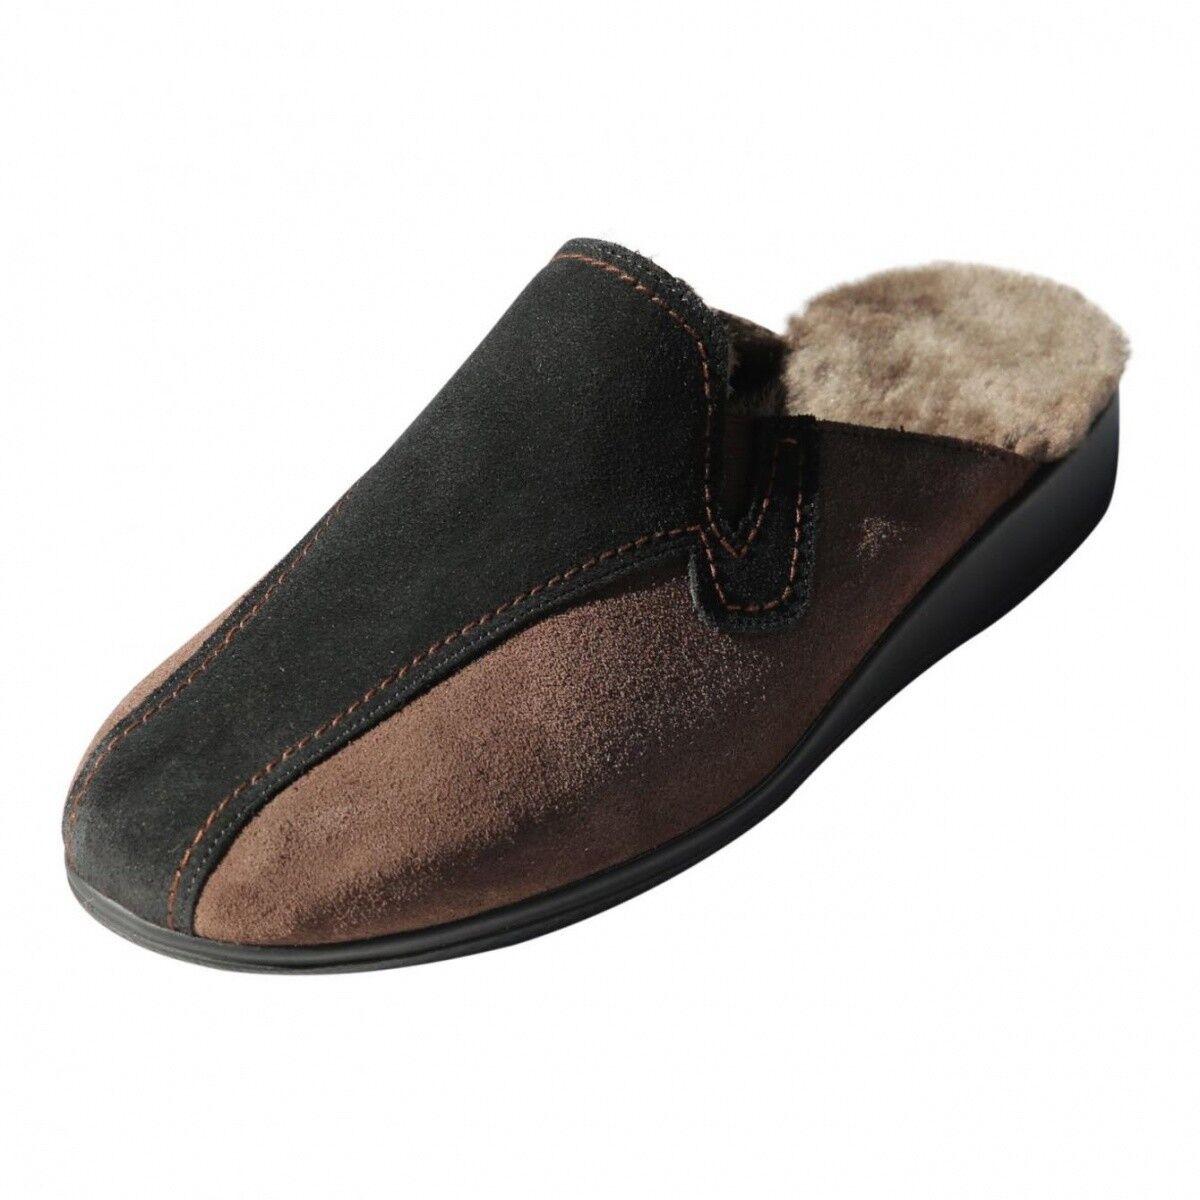 Pantofole in pelle di agnello - biekamp faggio nero uomo scarpe vero cuoio